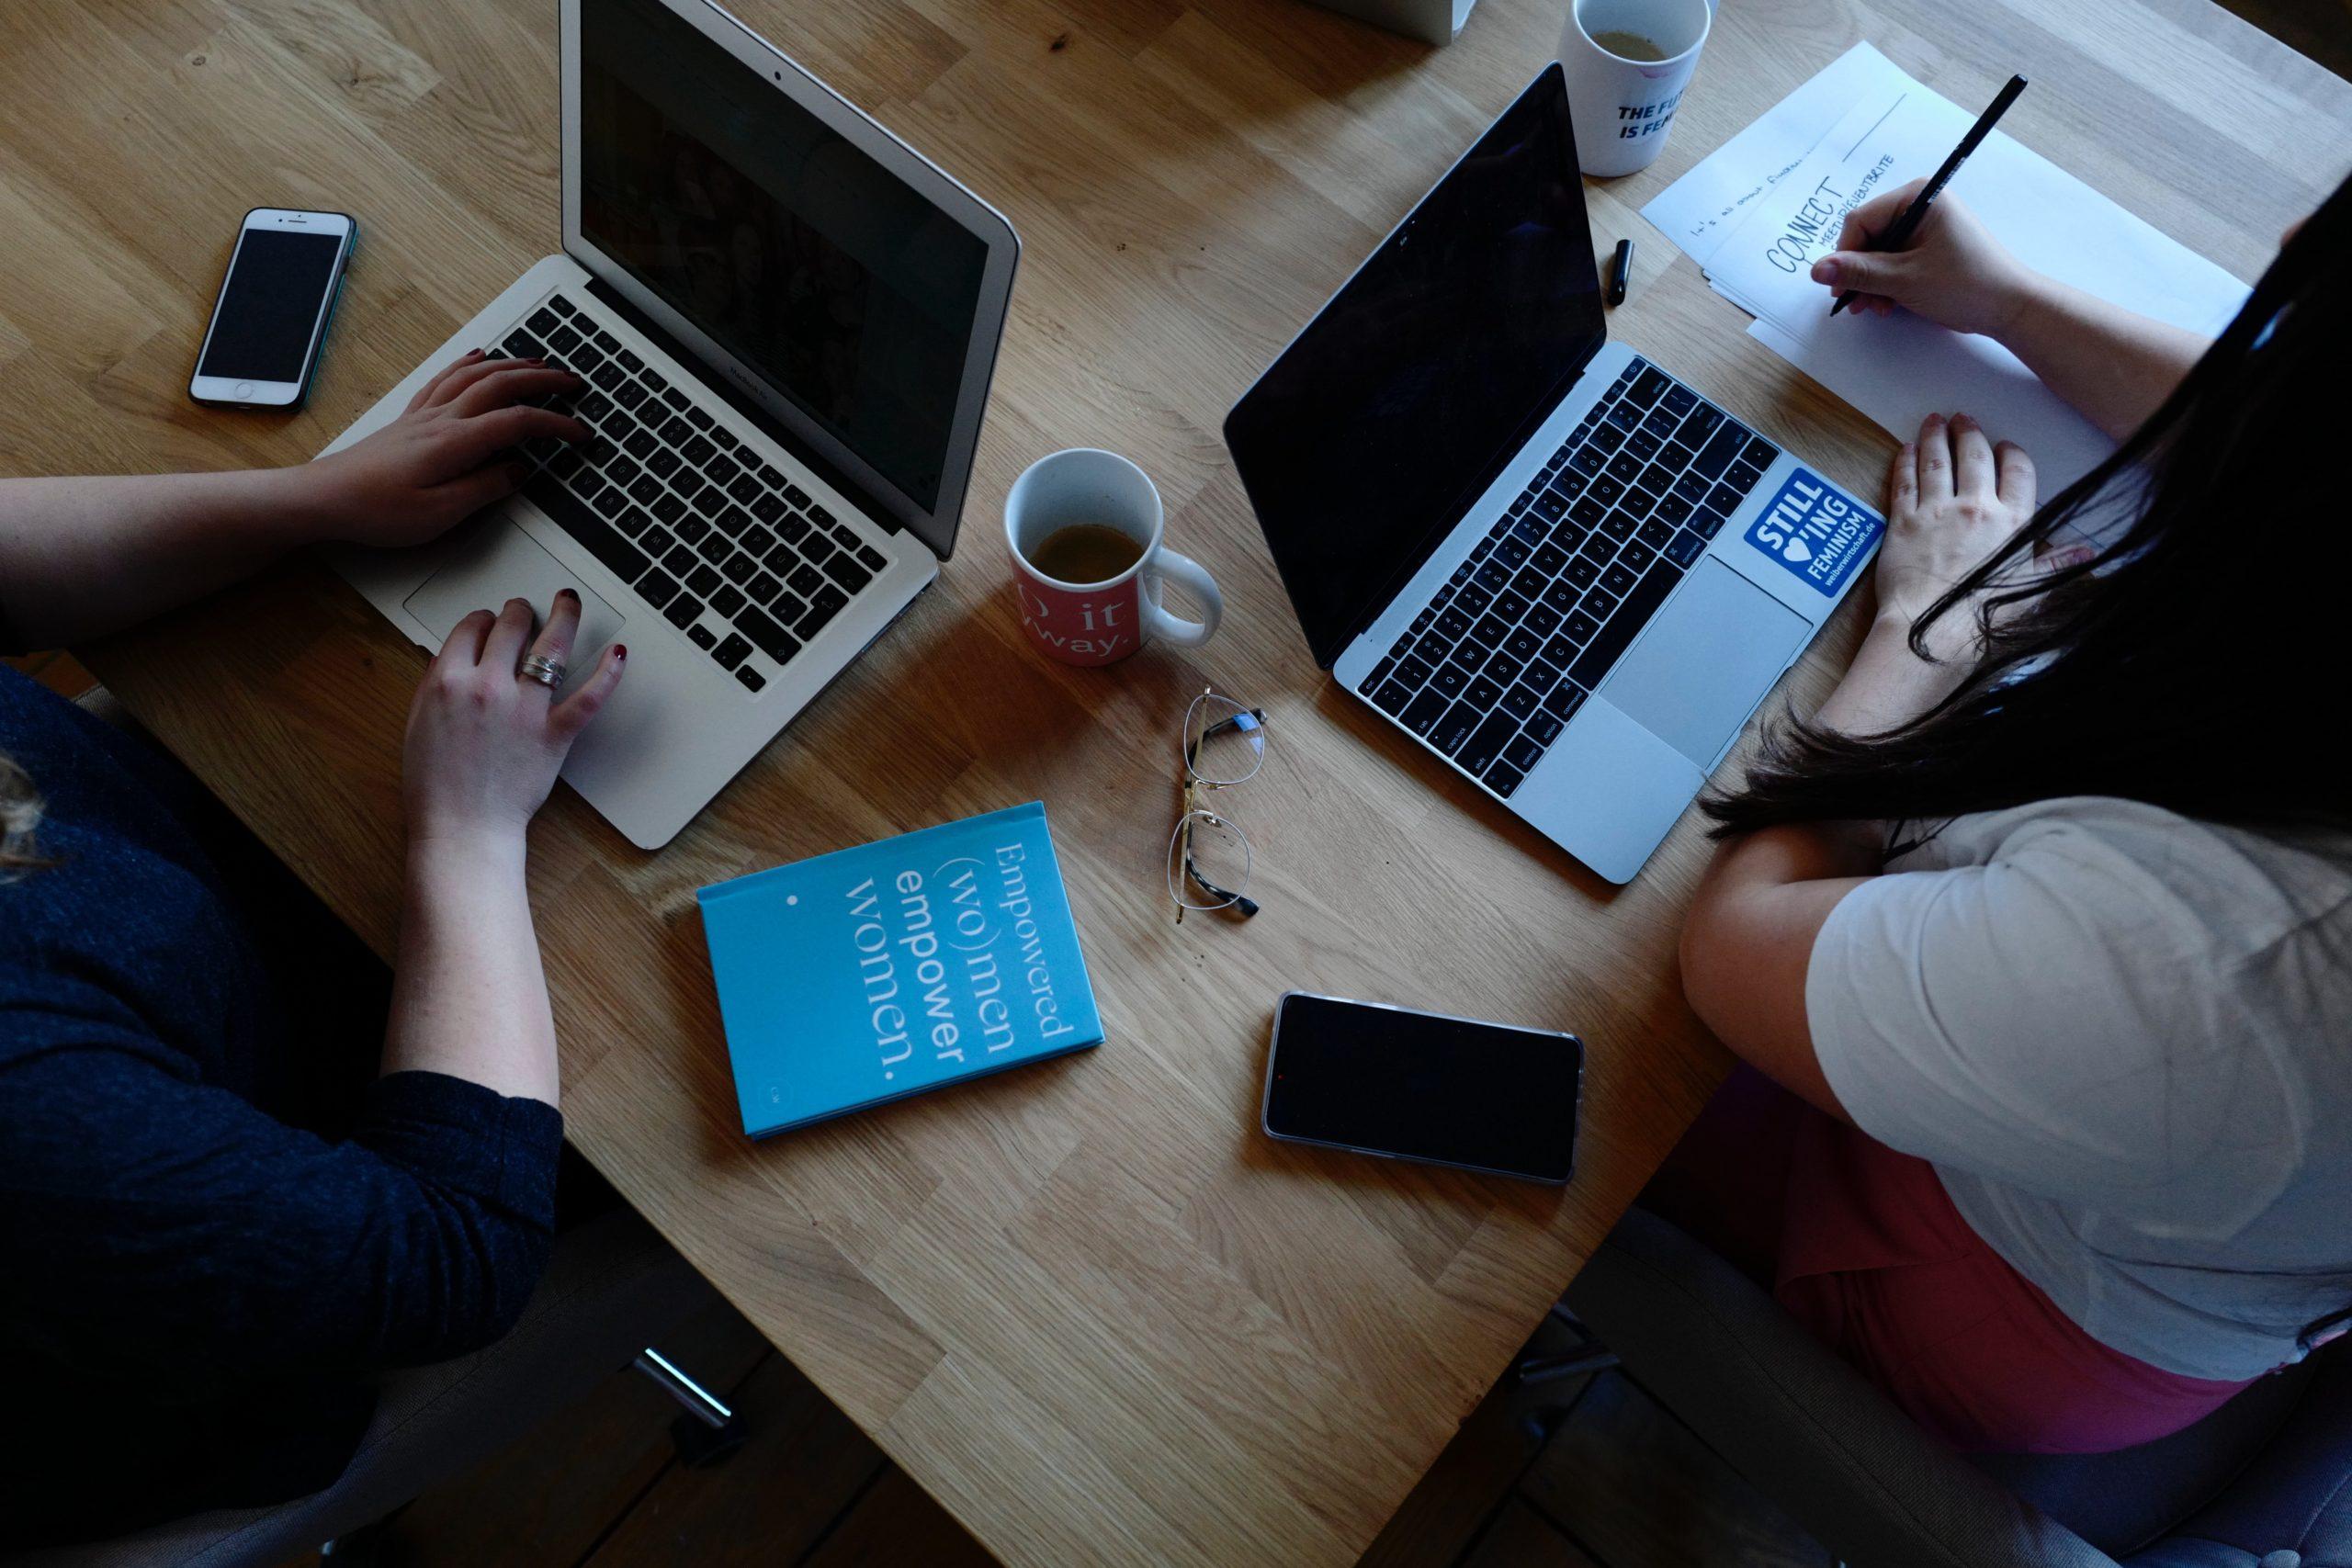 一つの机で二人の人間が二台のパソコンを使っている画像